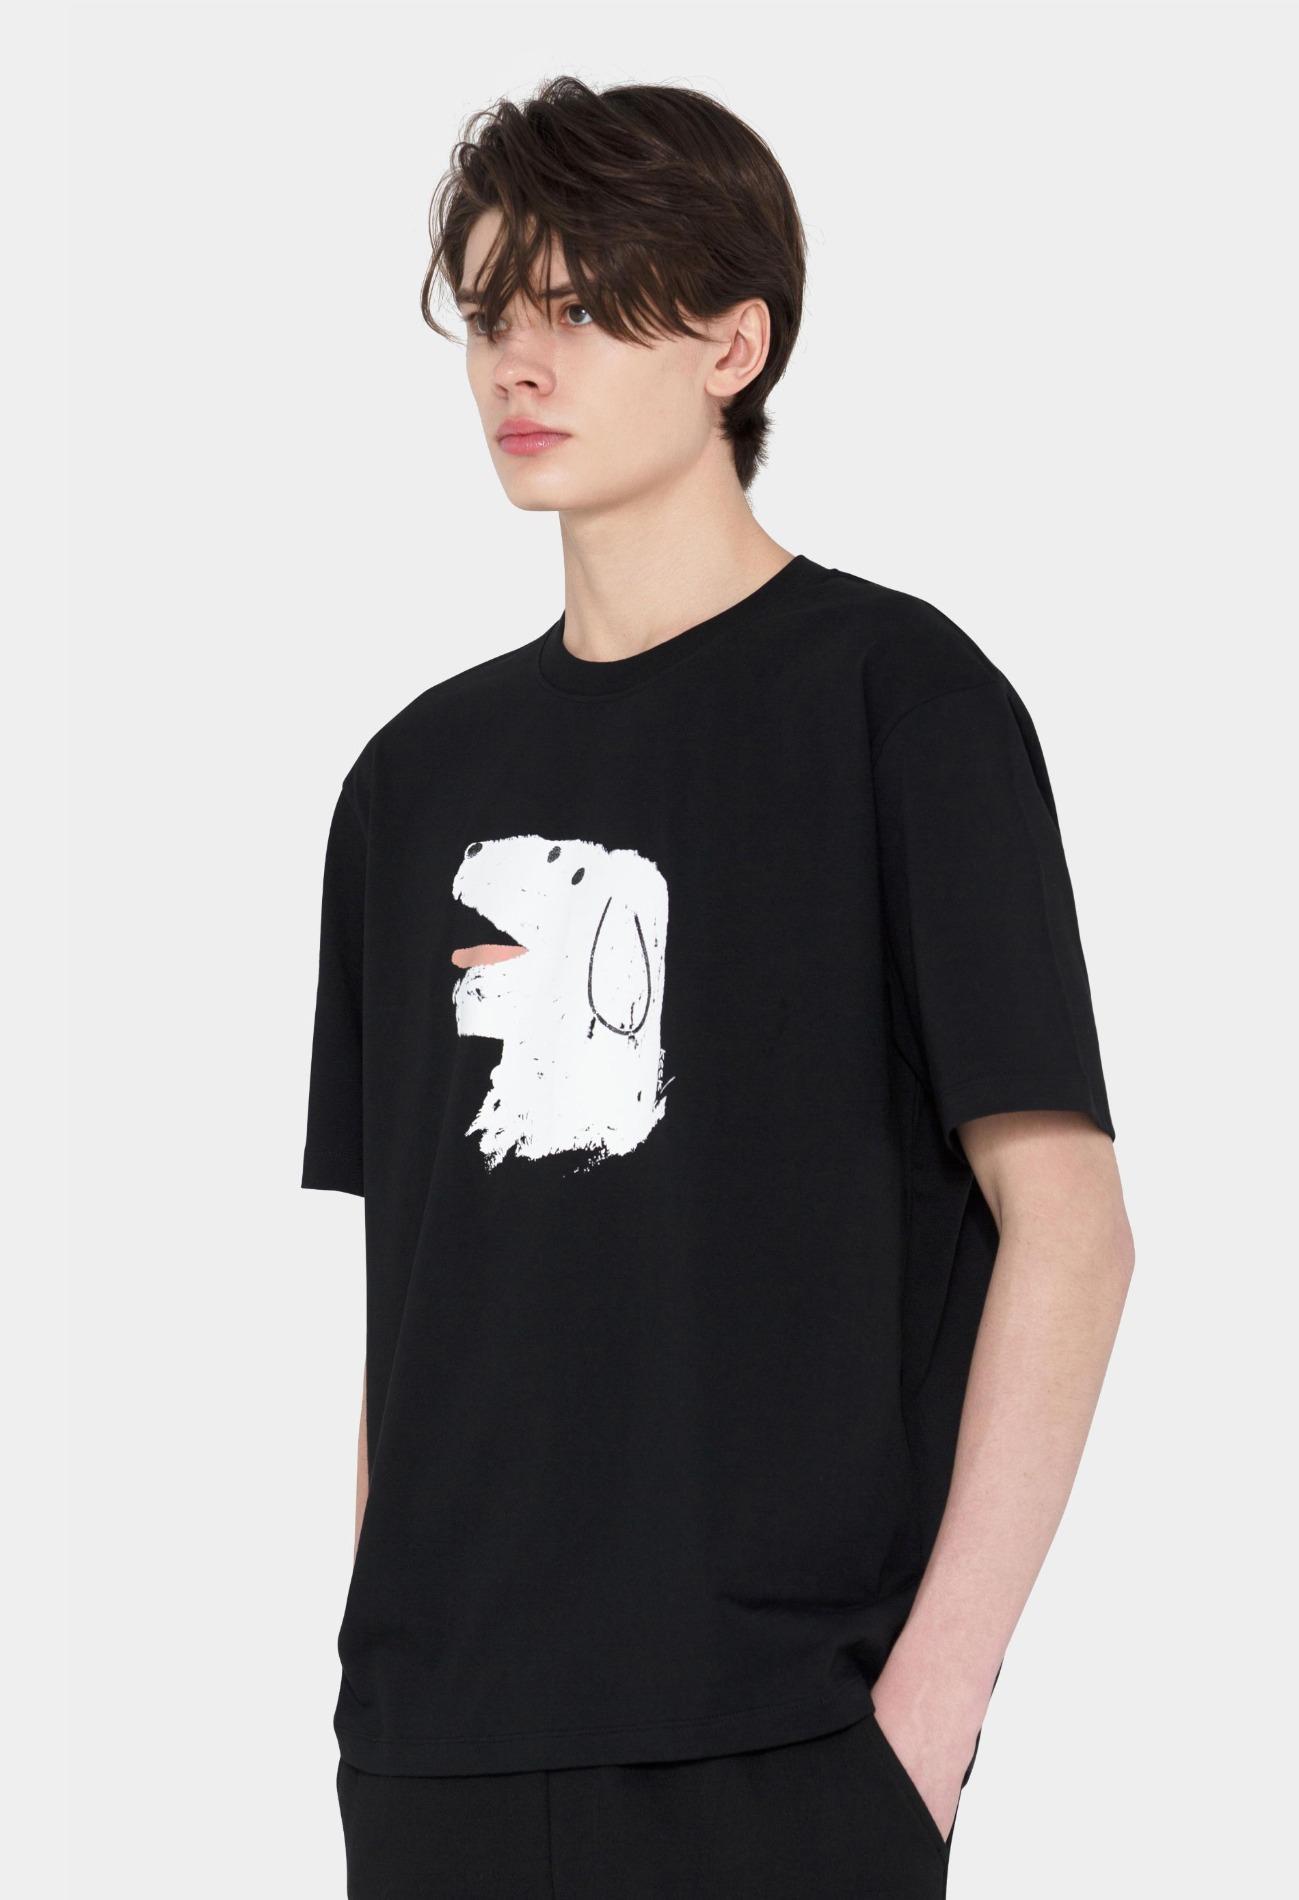 keek [Unisex] Doggy T-shirts - Black 스트릿패션 유니섹스브랜드 커플시밀러룩 남자쇼핑몰 여성의류쇼핑몰 후드티 힙색